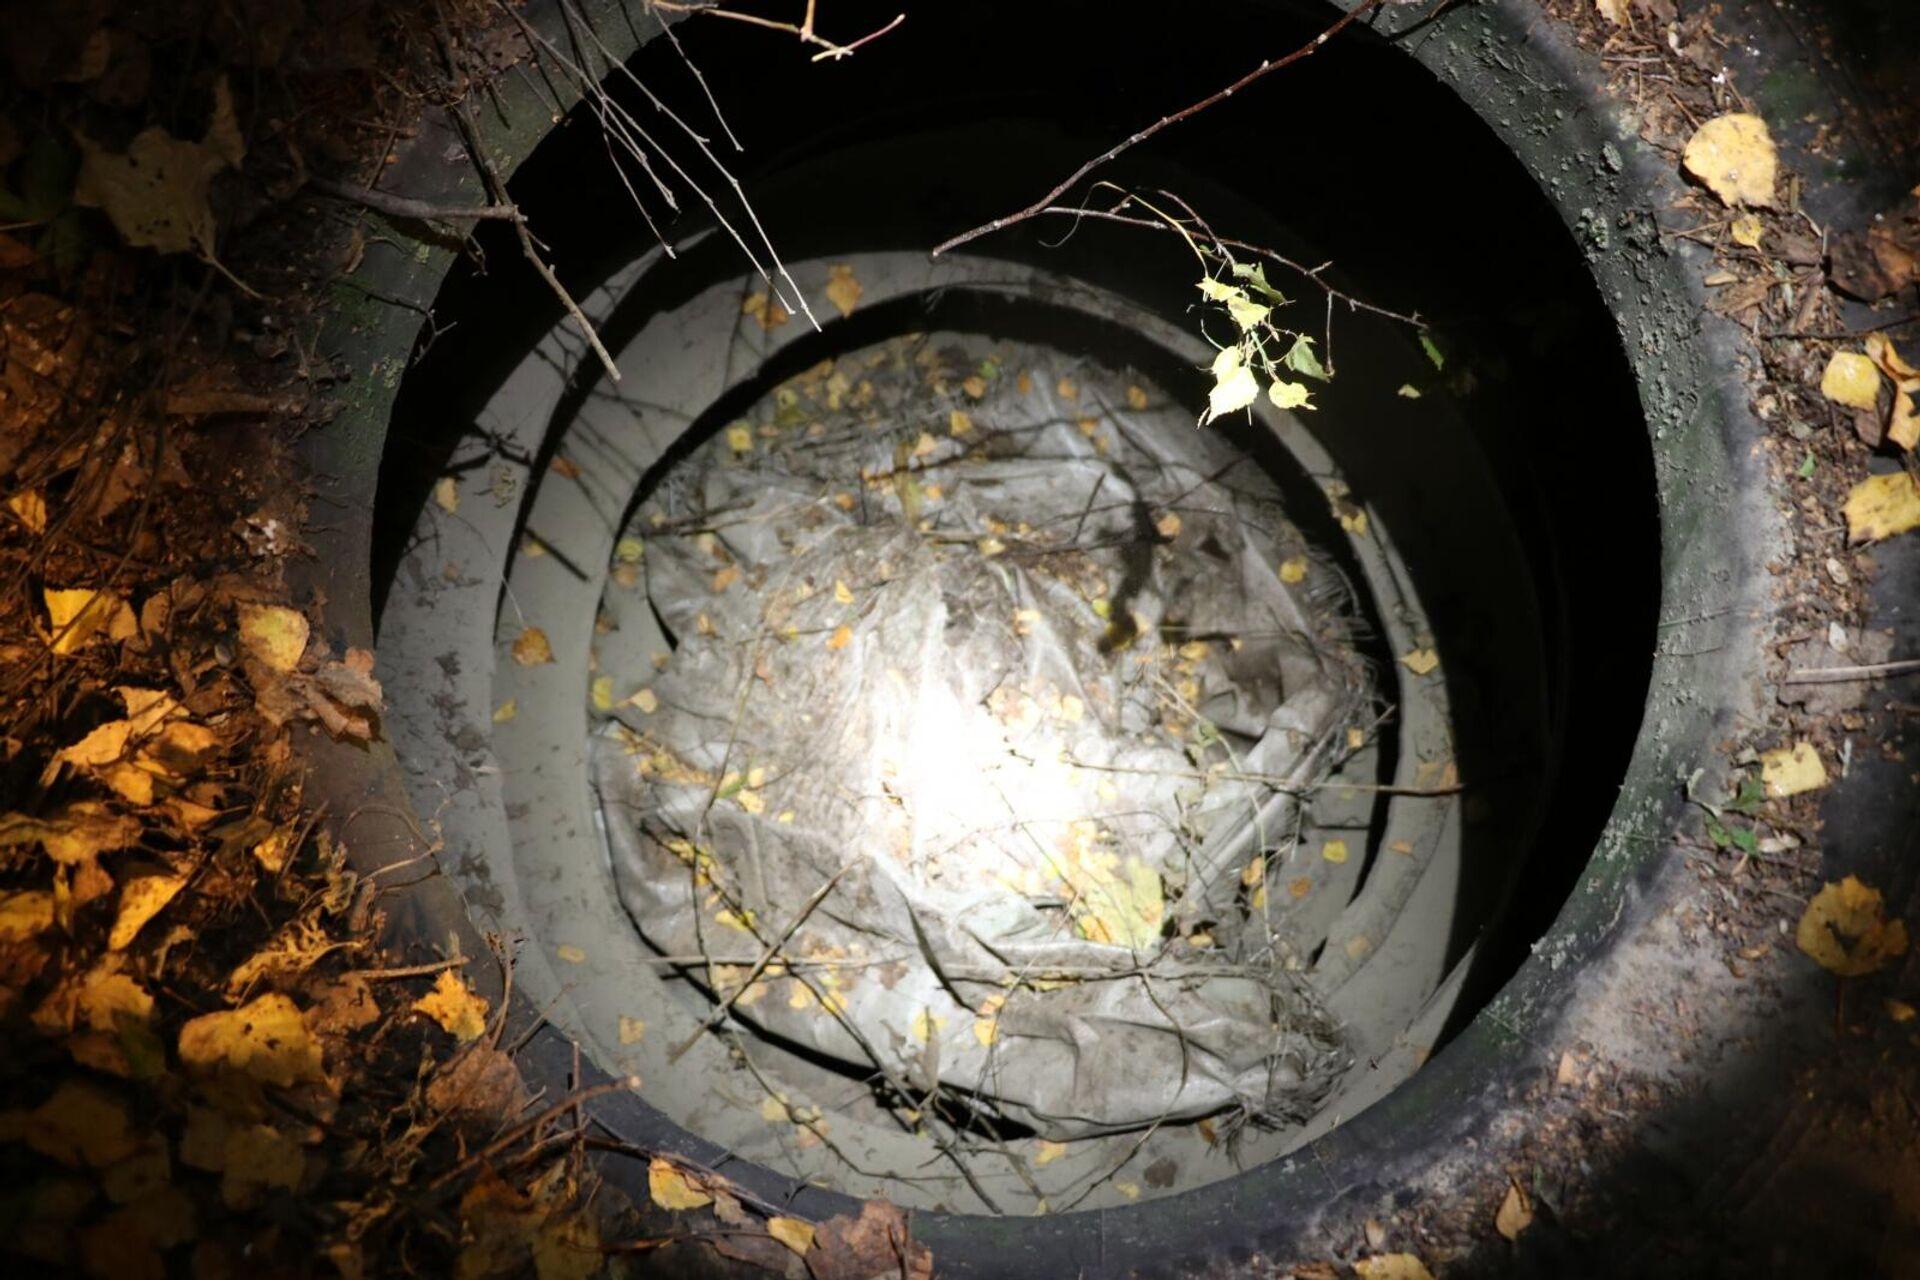 Место в лесополосе около д.Земенки Рязанского района, обнаружено сокрытое под землей и мусором тело - РИА Новости, 1920, 14.10.2021